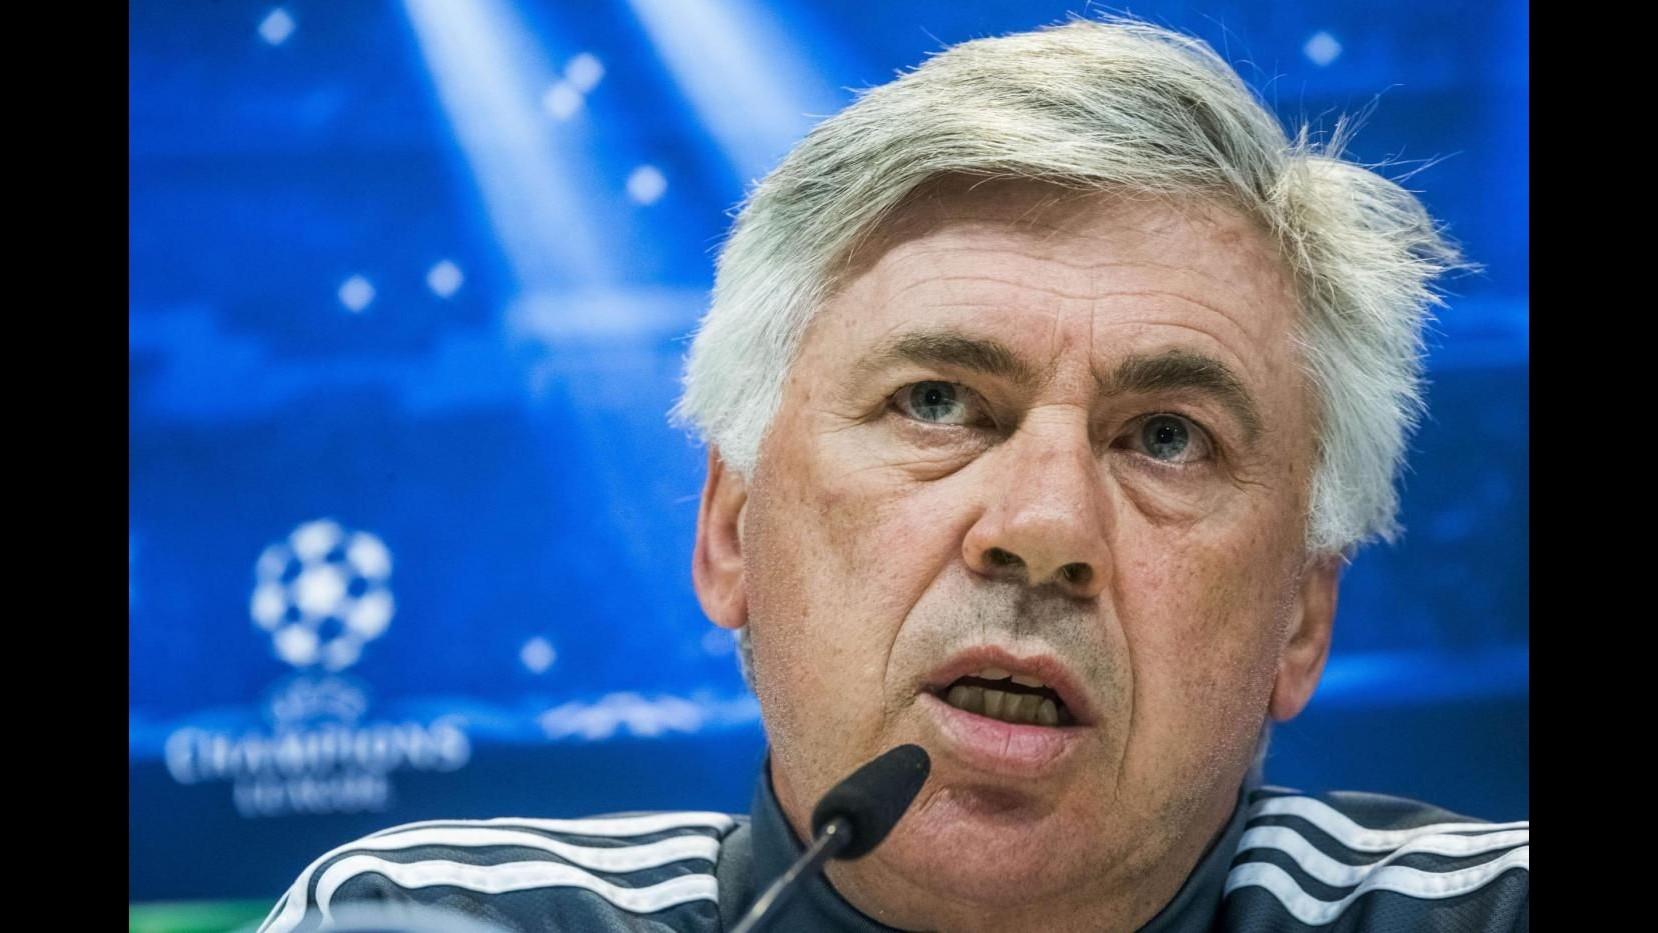 Stampa tedesca: Bayern pensa ad Ancelotti per dopo-Guardiola